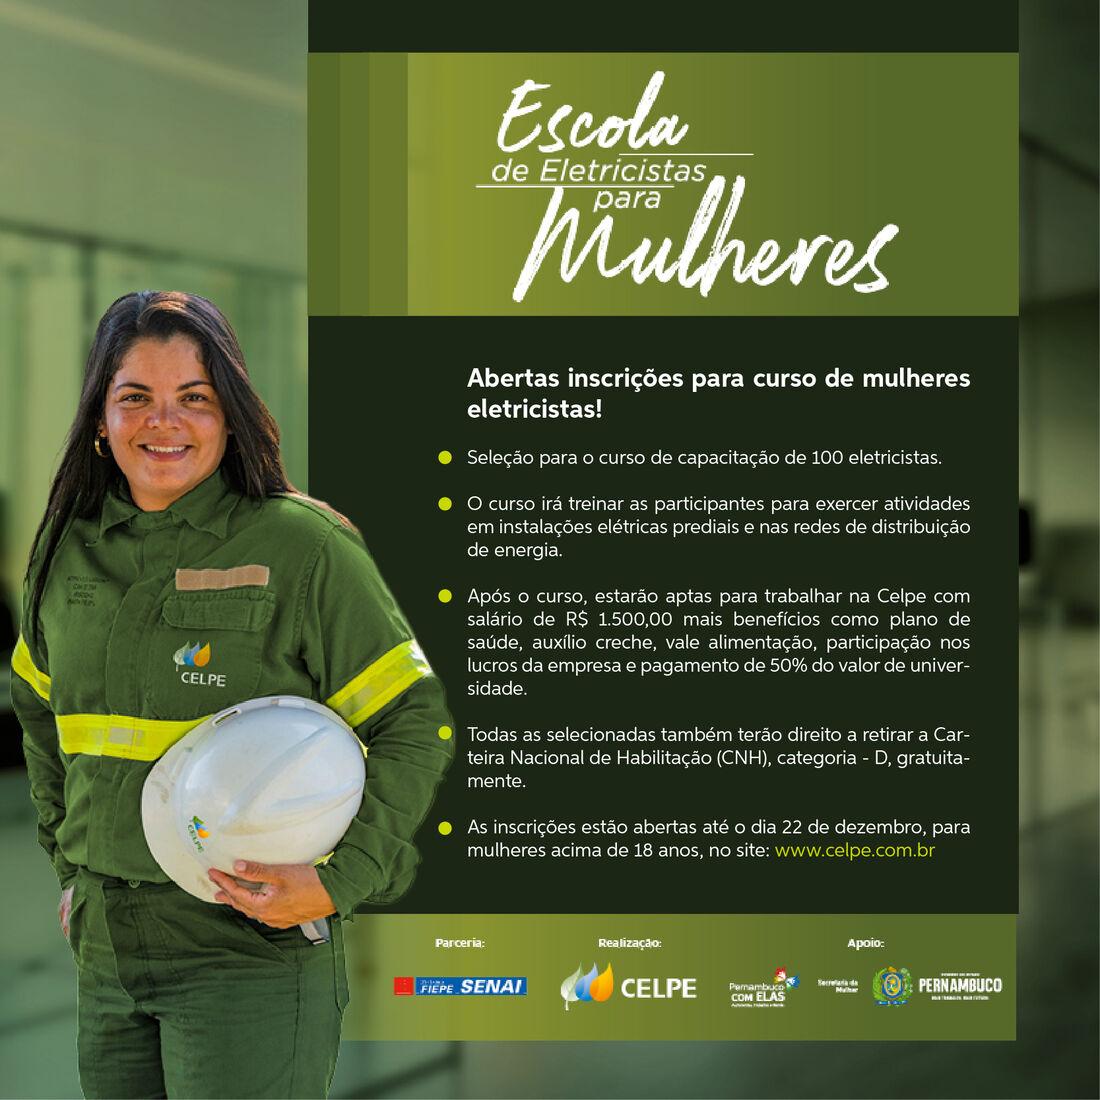 O curso irá treinar as participantes para exercer atividades em instalações elétricas prediais e nas redes de distribuição de energia